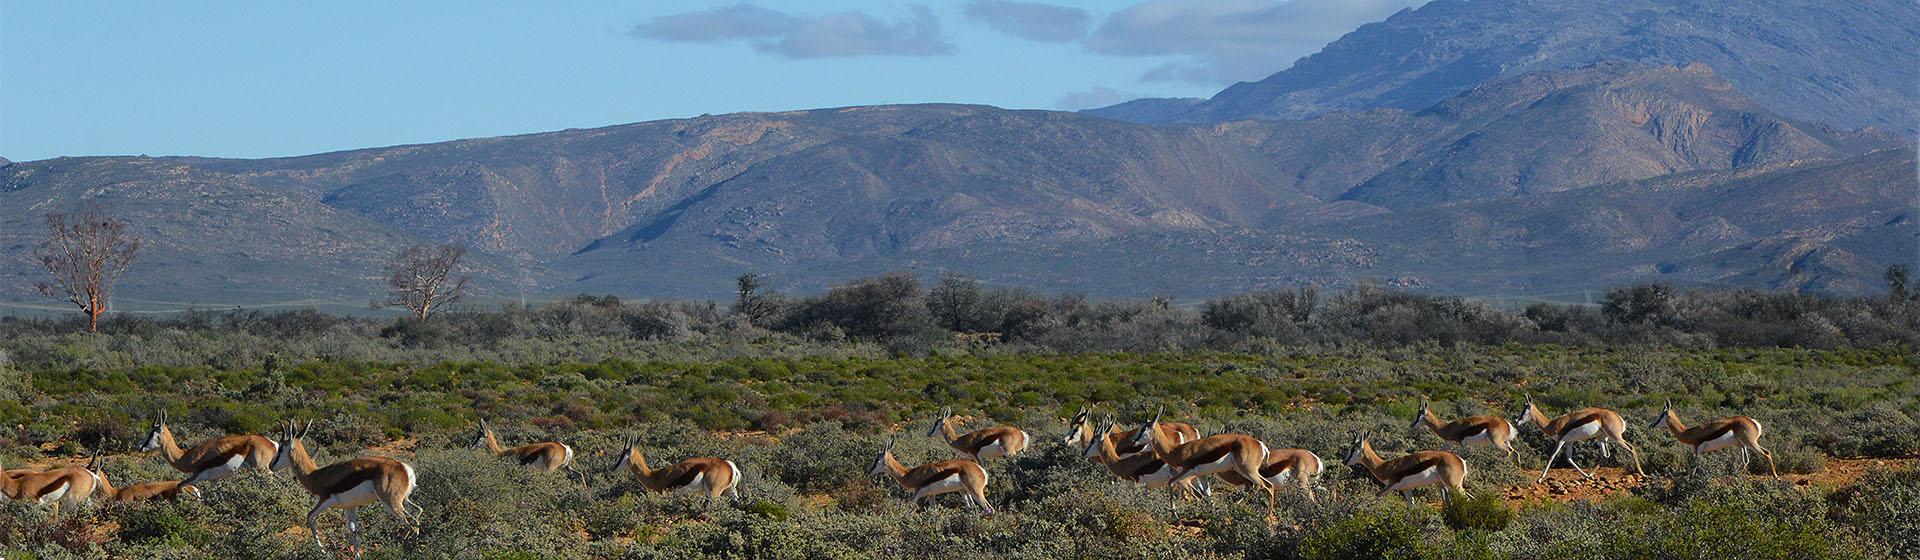 Springbok Herds, Inverdoorn